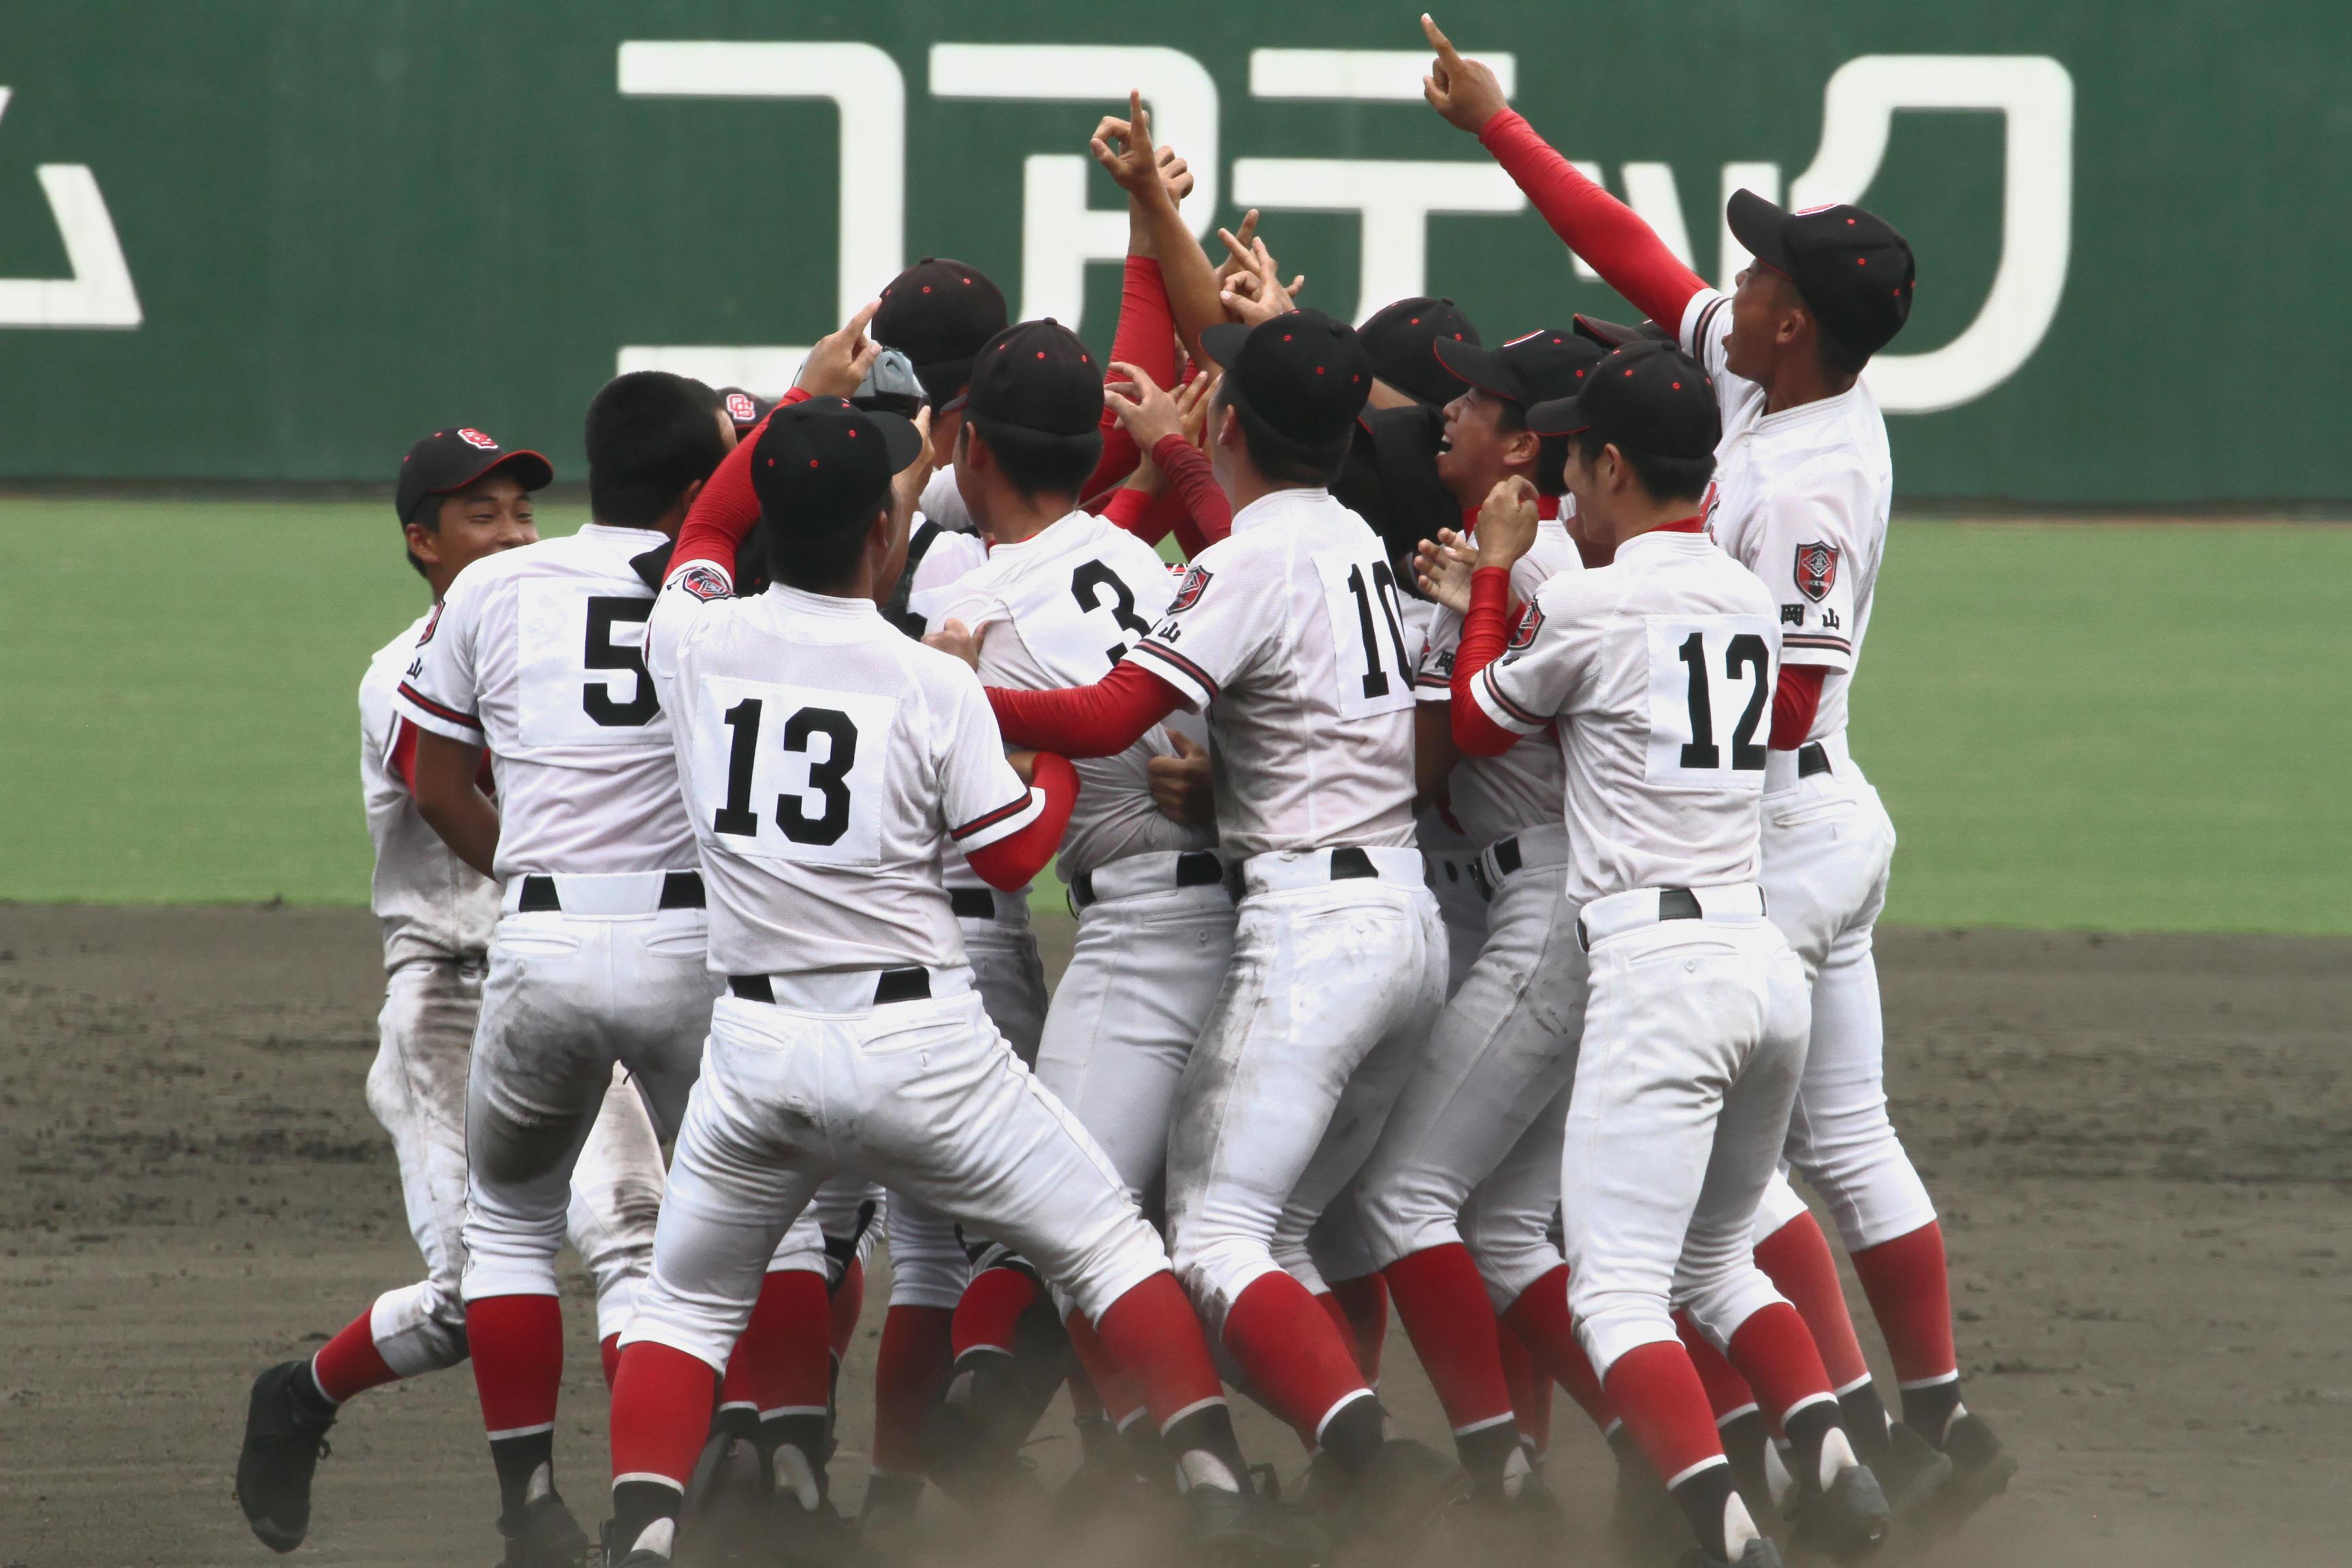 高校 2 岡山 ちゃんねる 野球